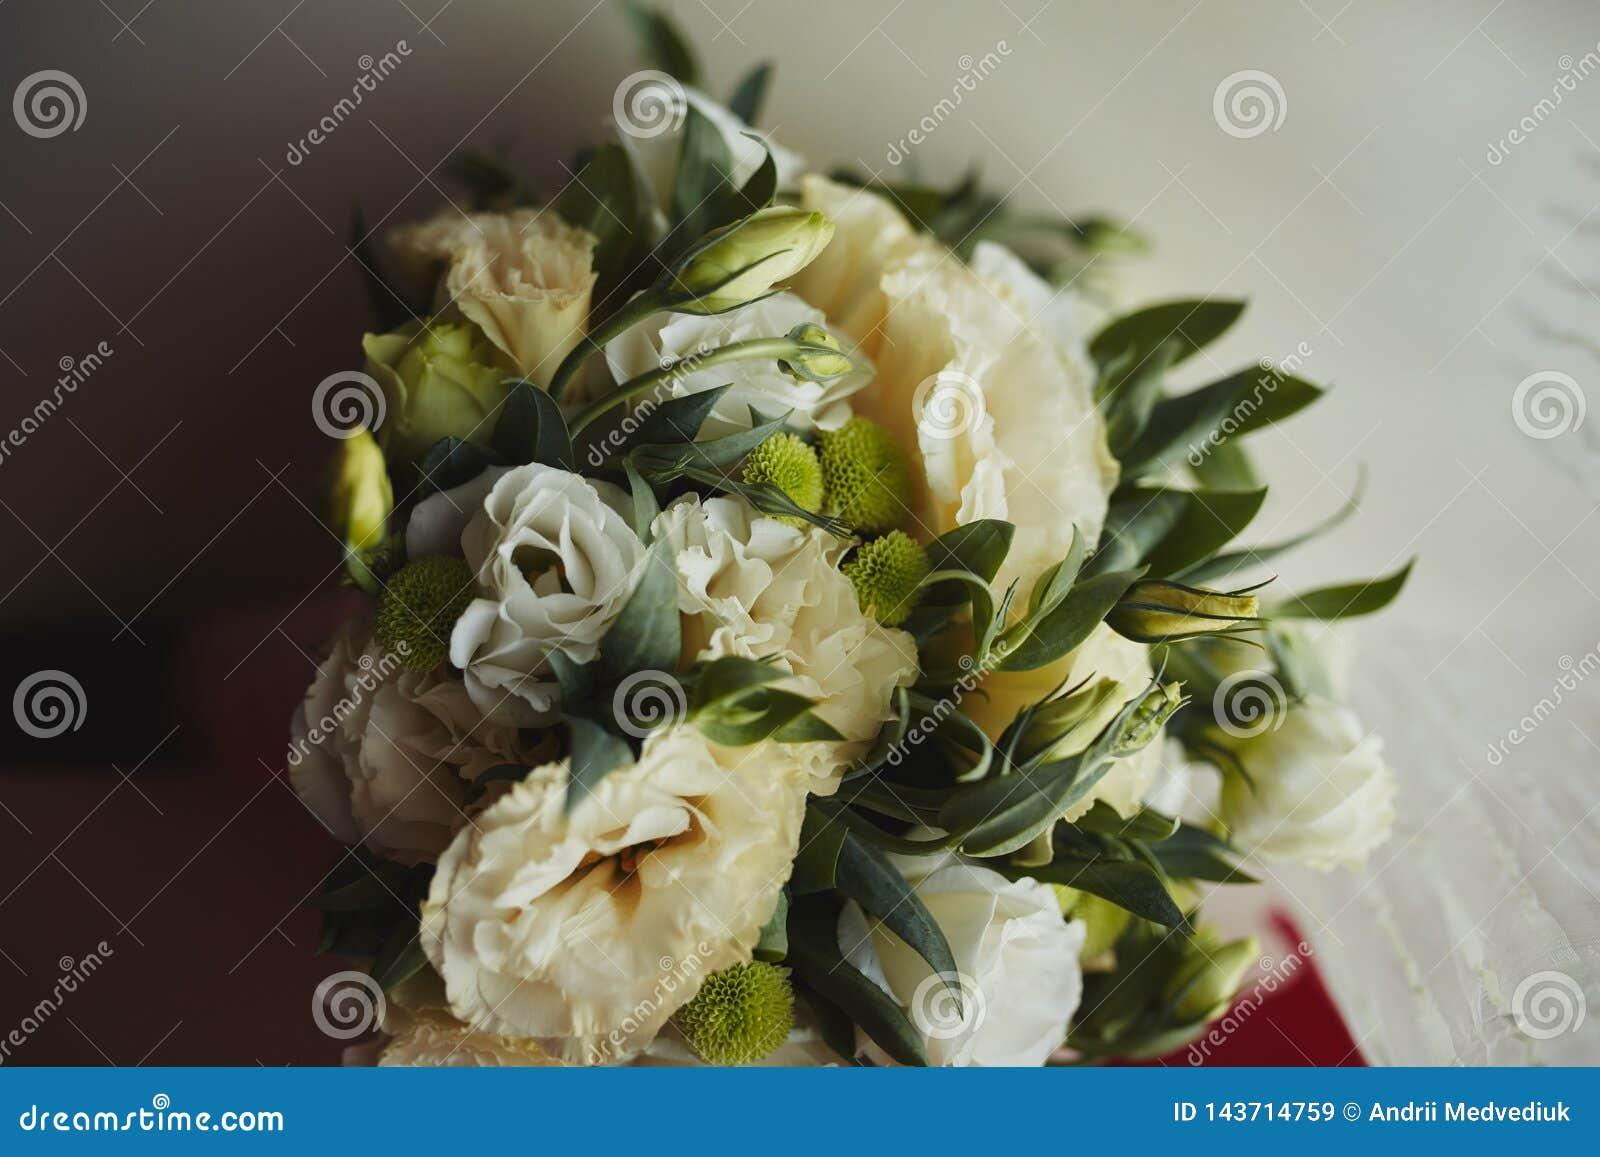 Mazzo Di Fiori Verdi.Bello Mazzo Di Cerimonia Nuziale Sposa Alla Moda Delle Rose Rosa